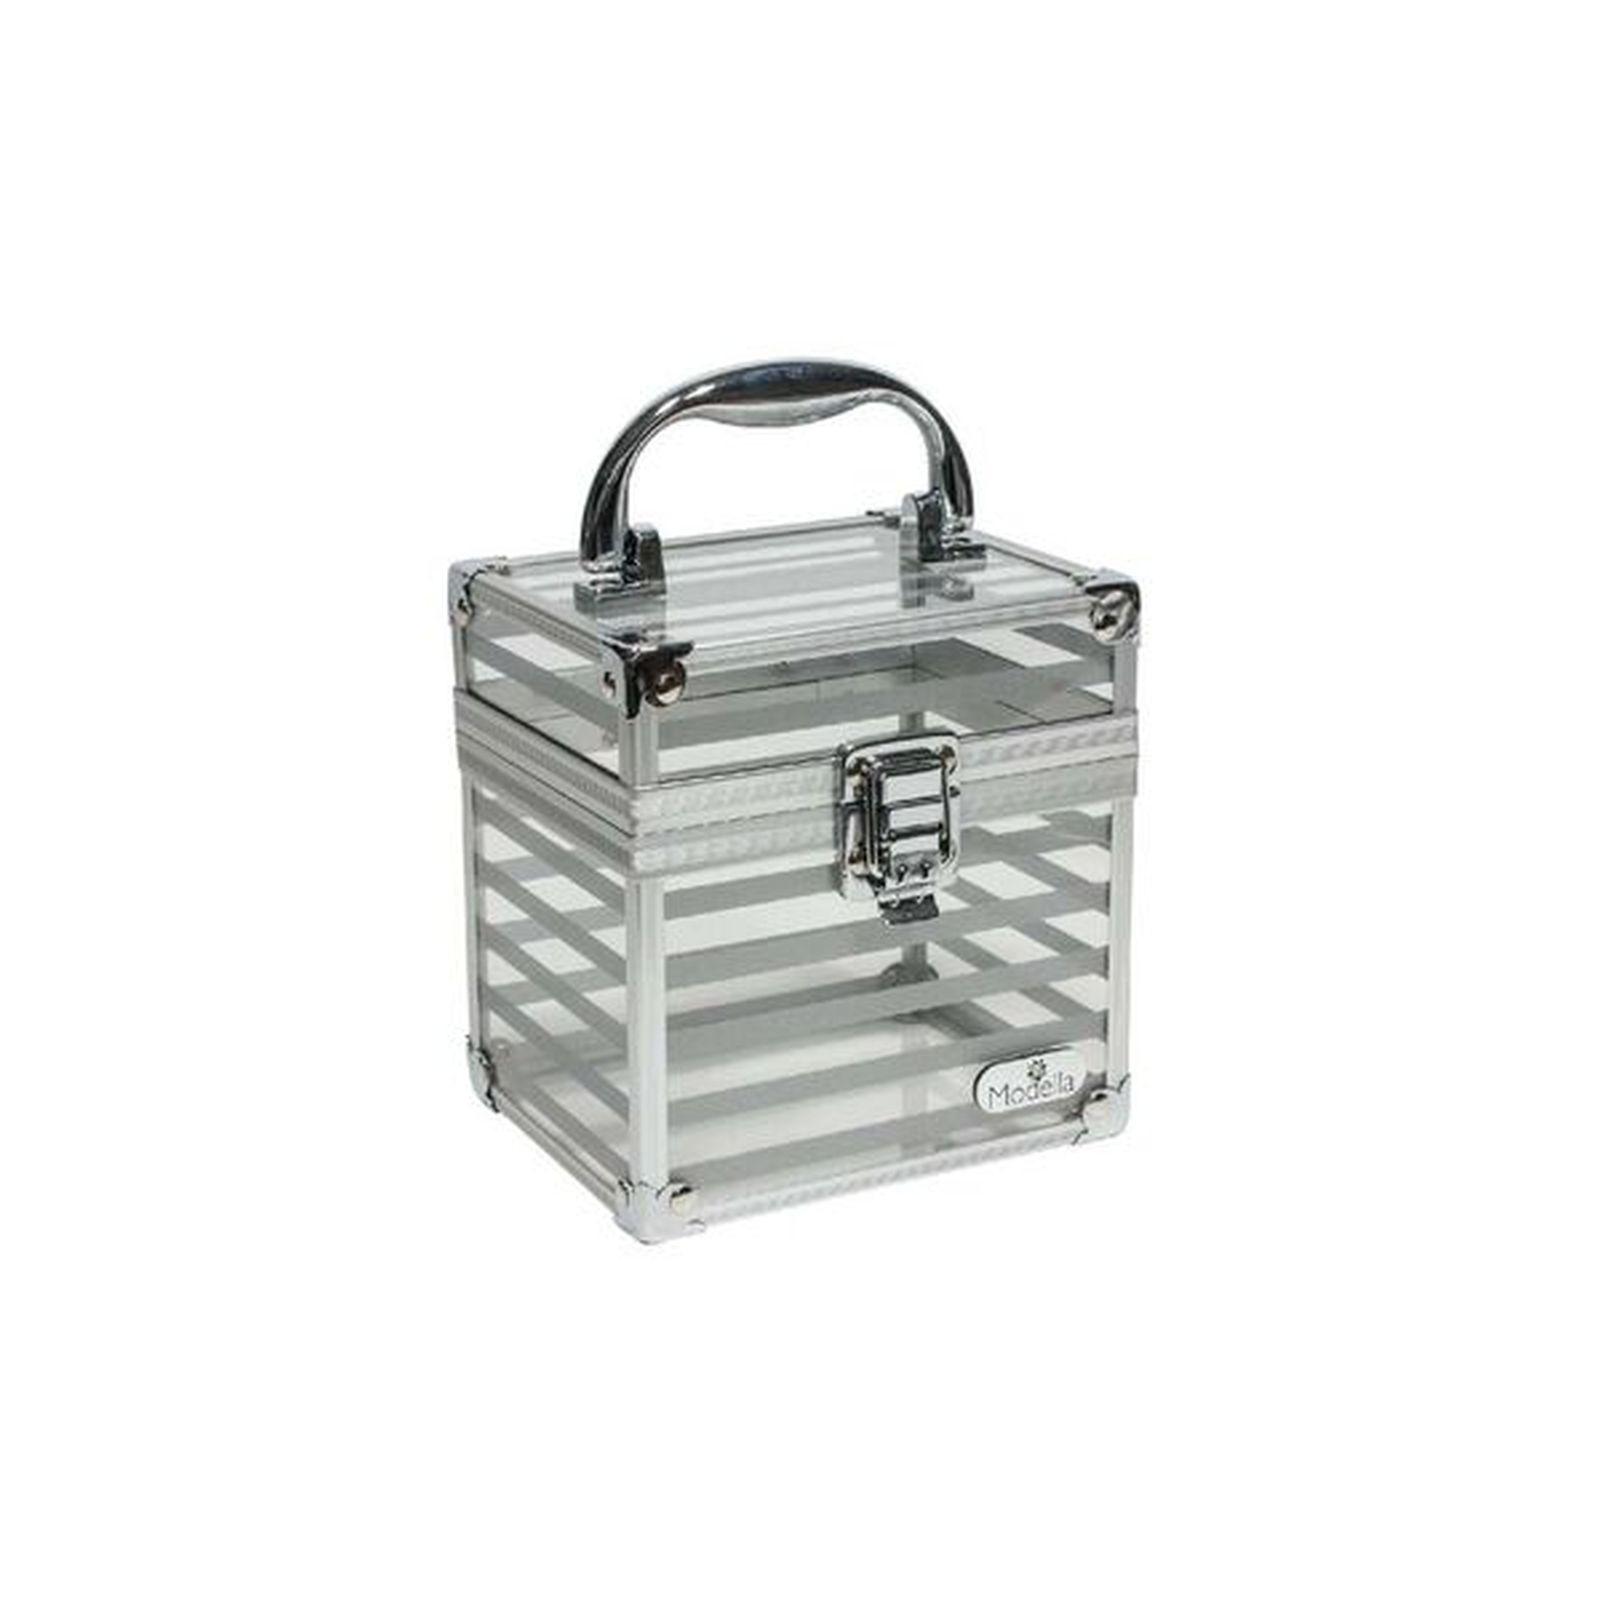 MODELLA Hardcase Printed Silver Cube, Size: Small, Multi color im test